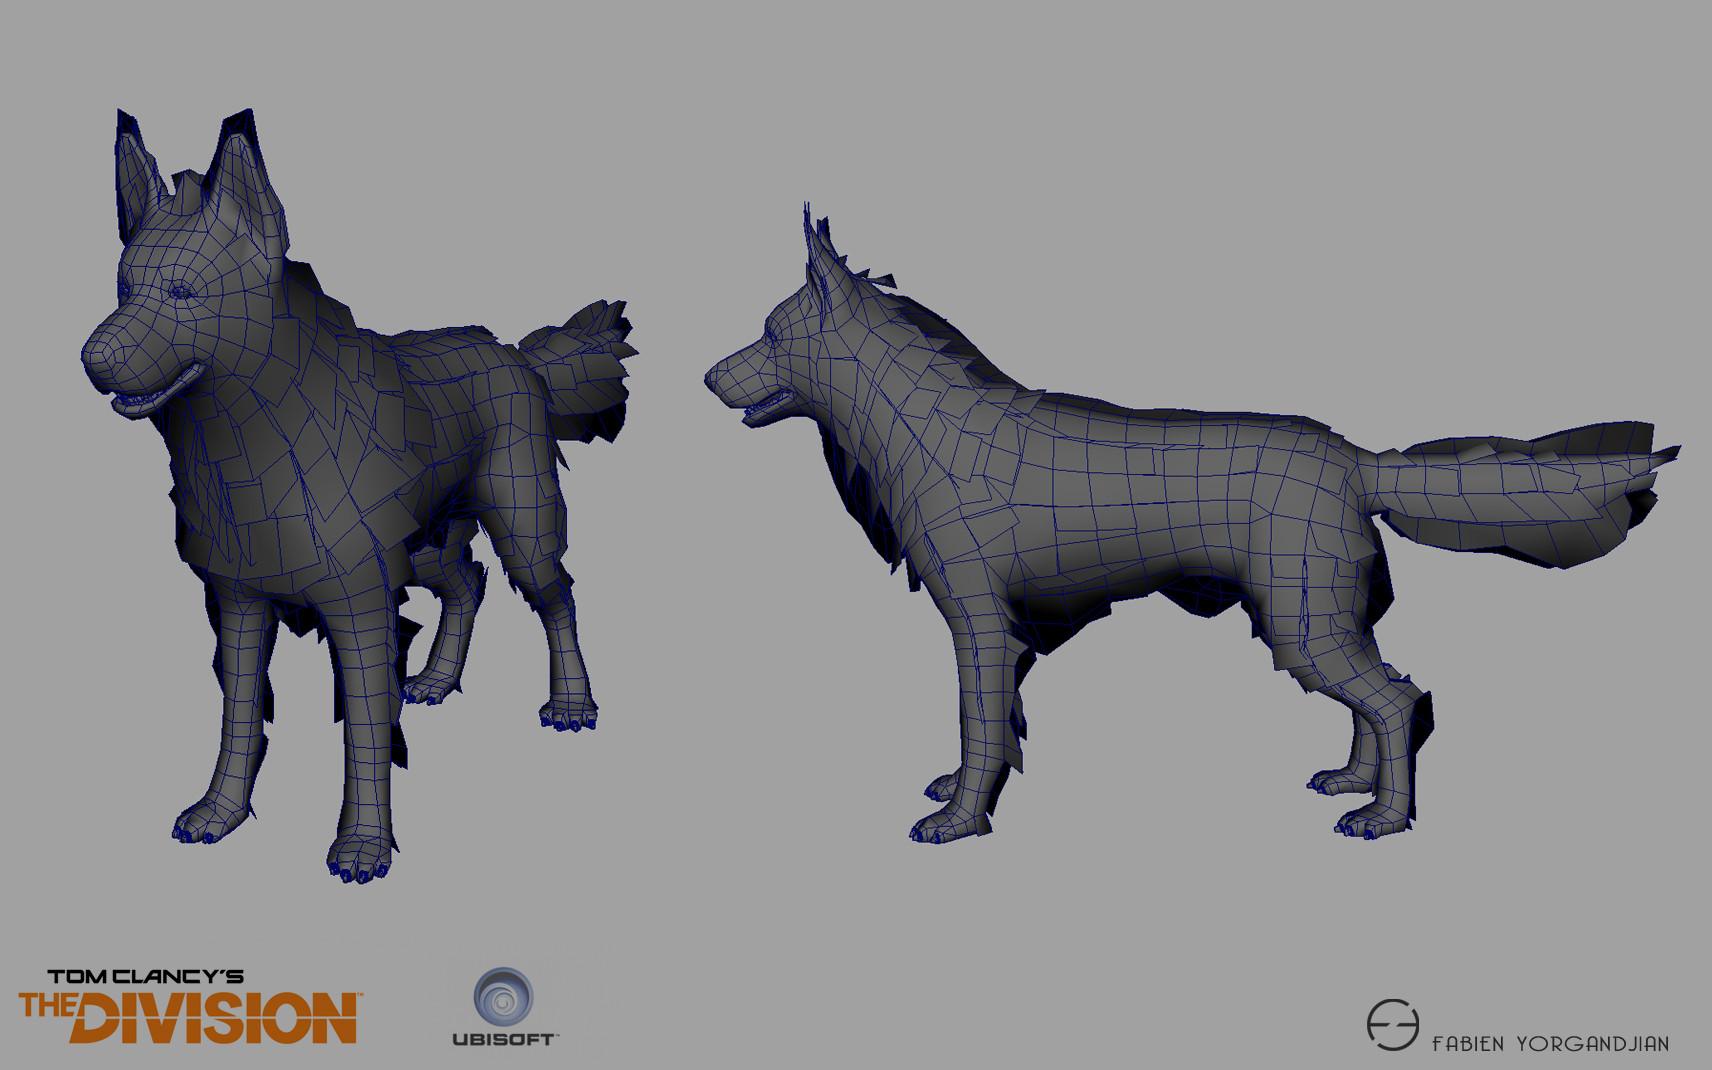 Fabien yorgandjian the division dog03 ingame